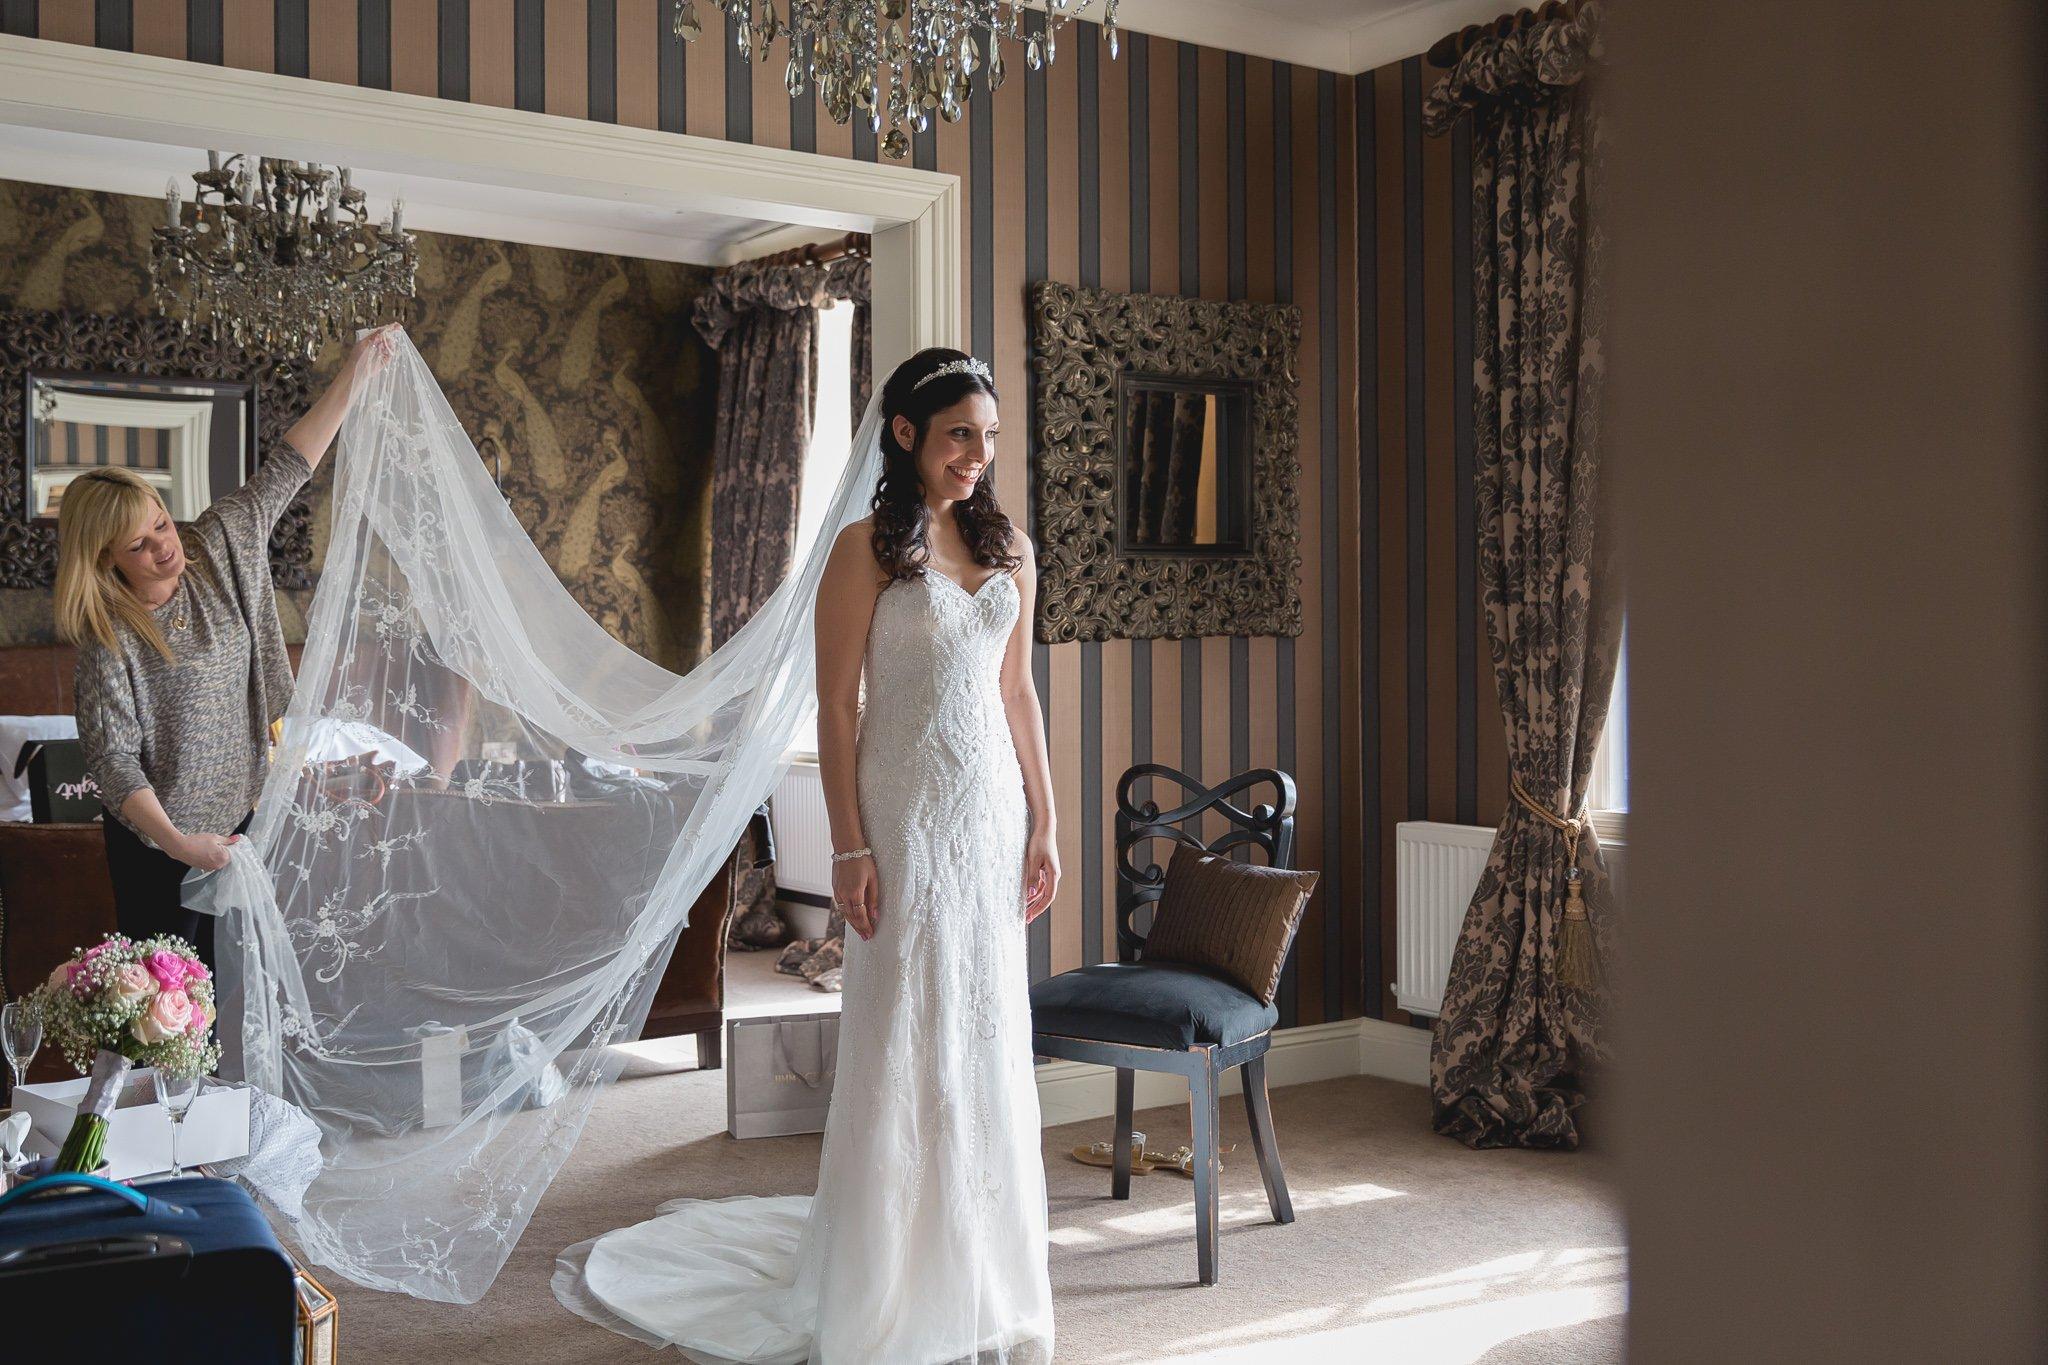 Bridal preparation at Eaves Hall